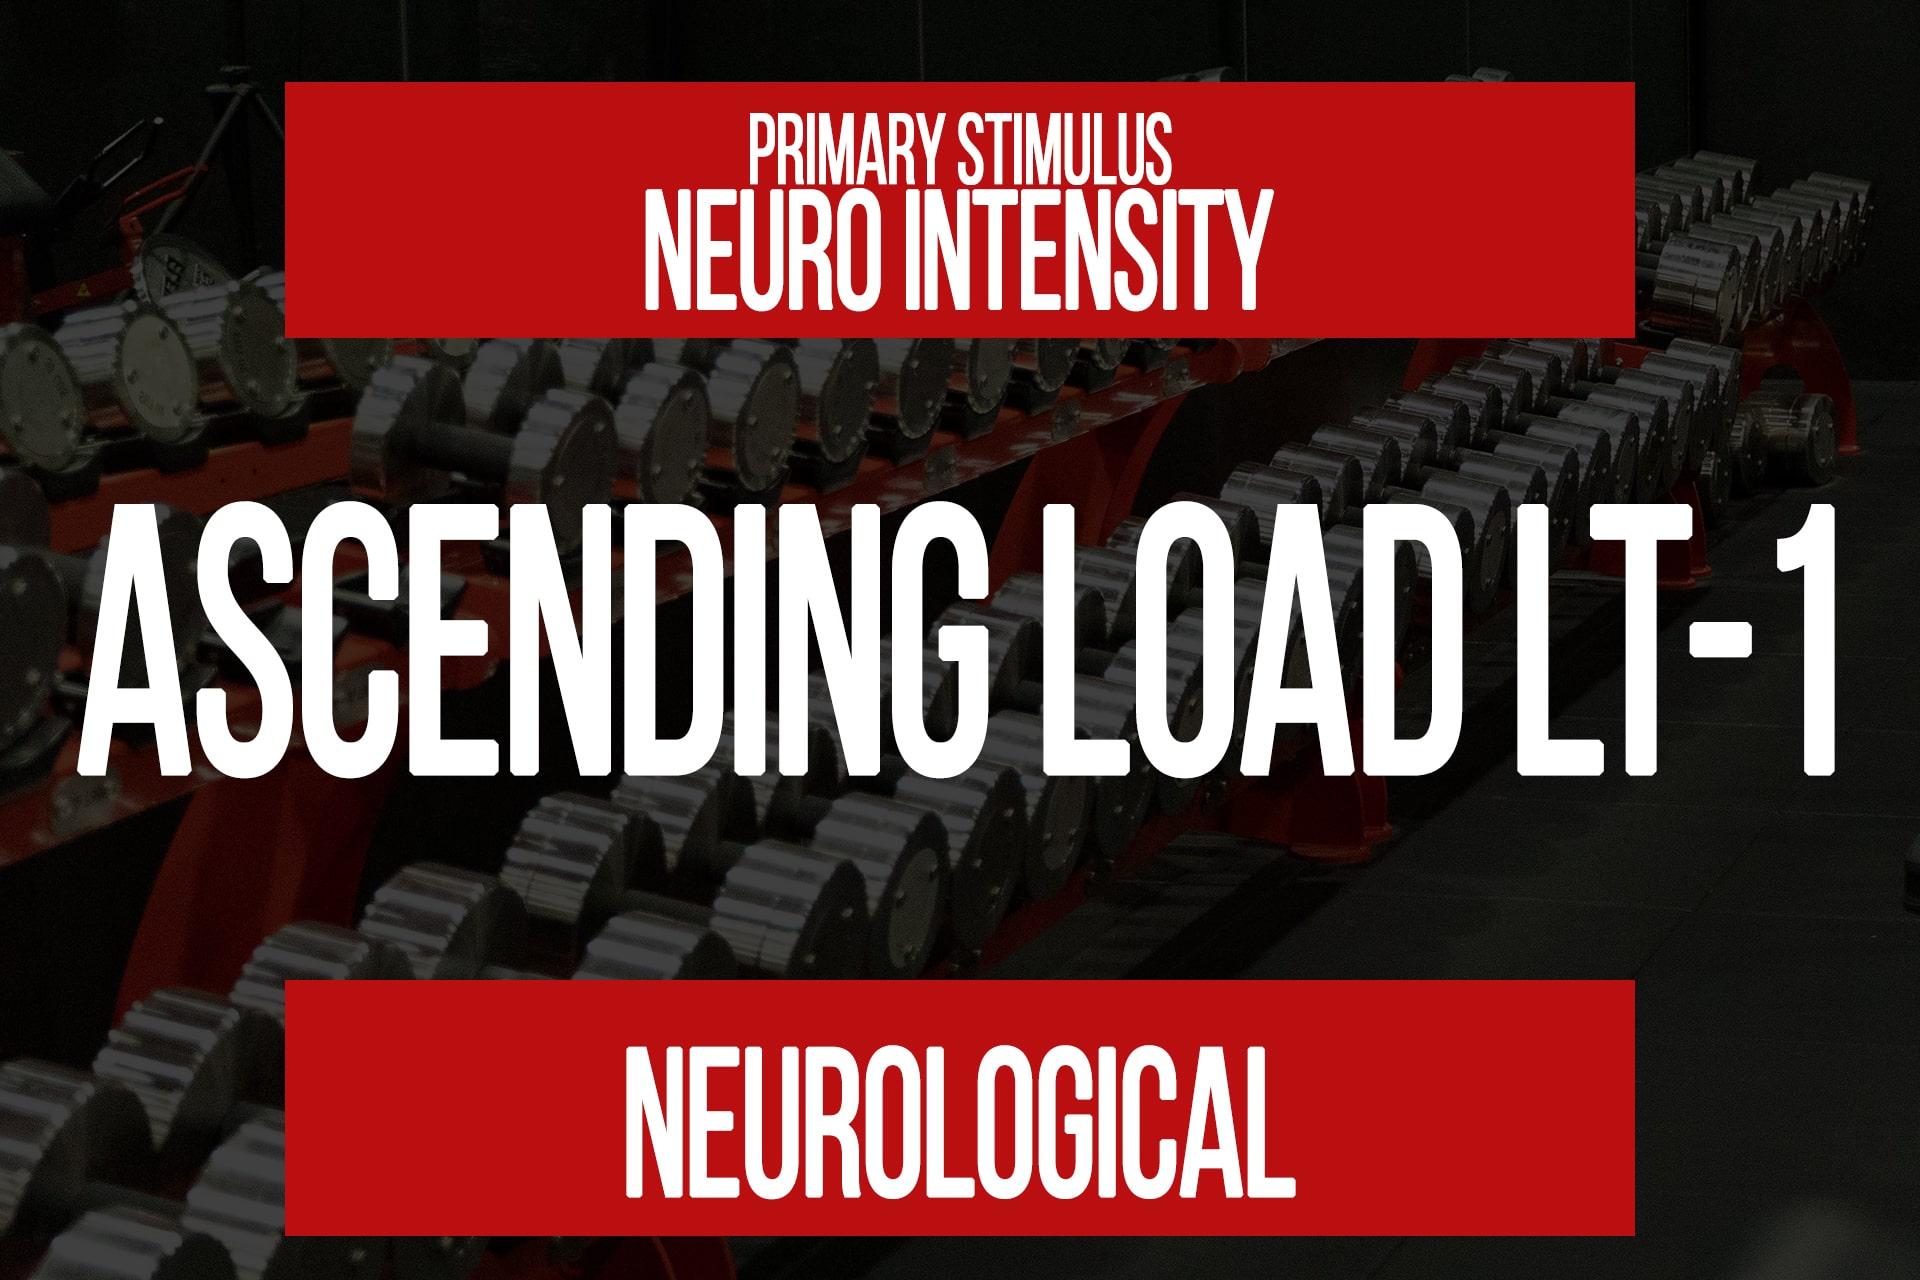 Ascending Load LT-1